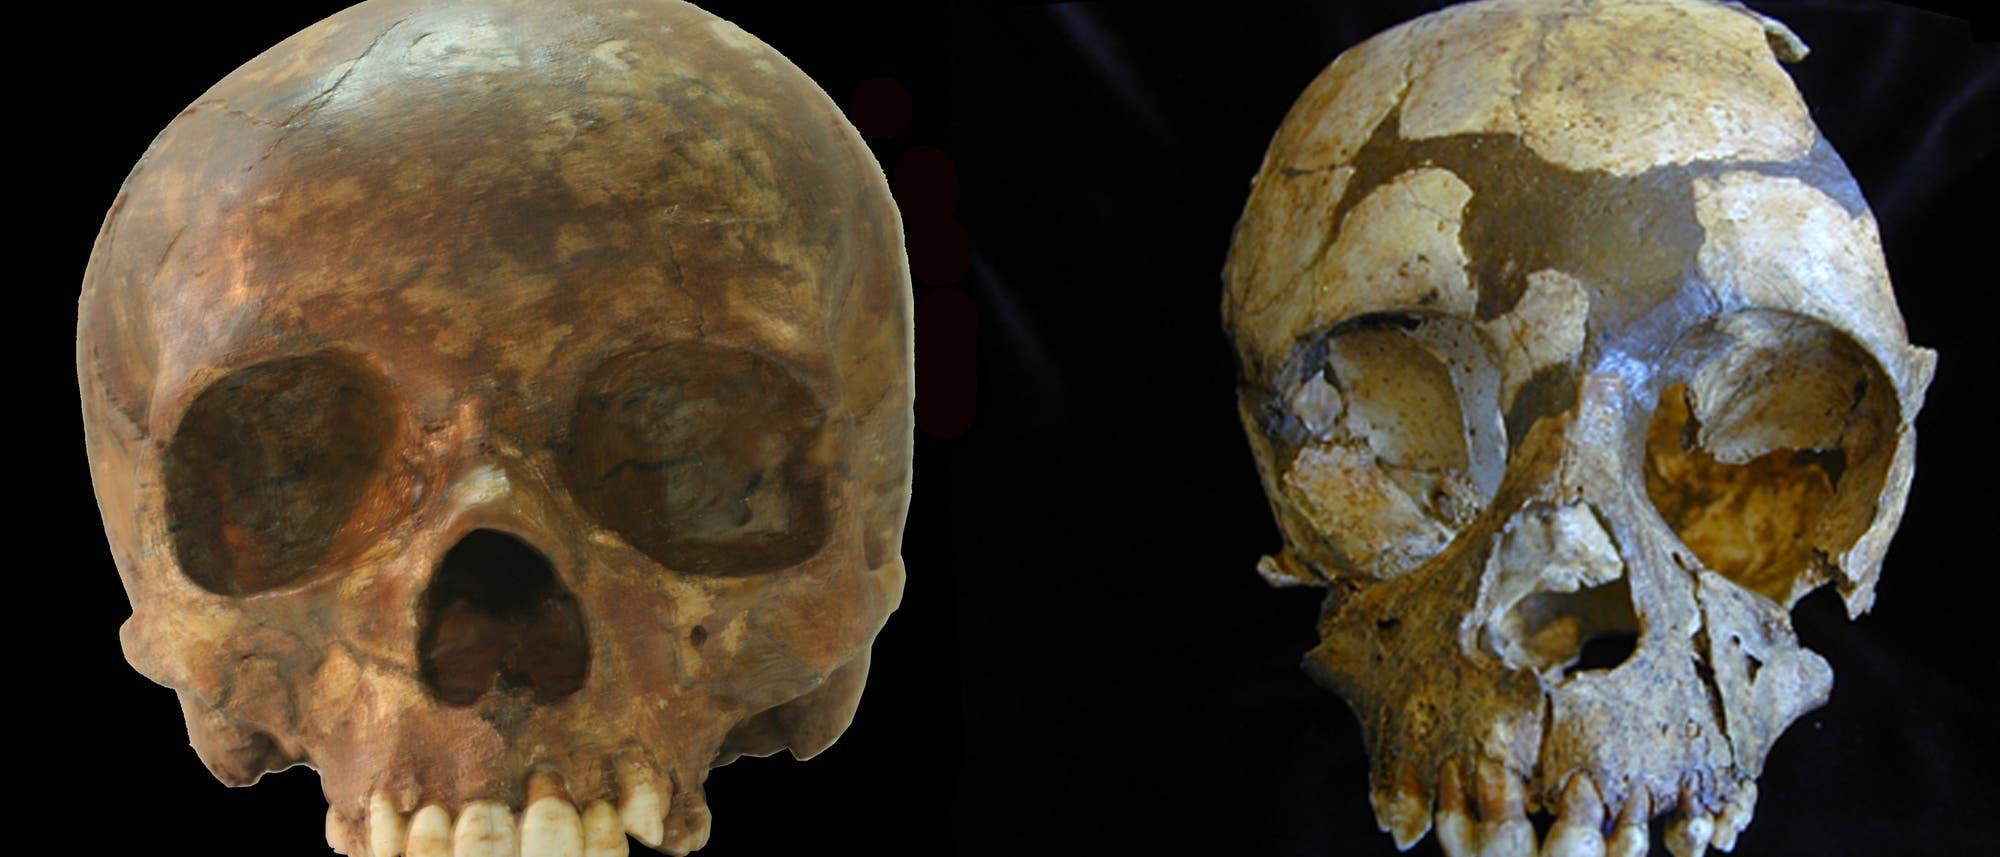 Kinderschädel von Mensch und Neandertaler